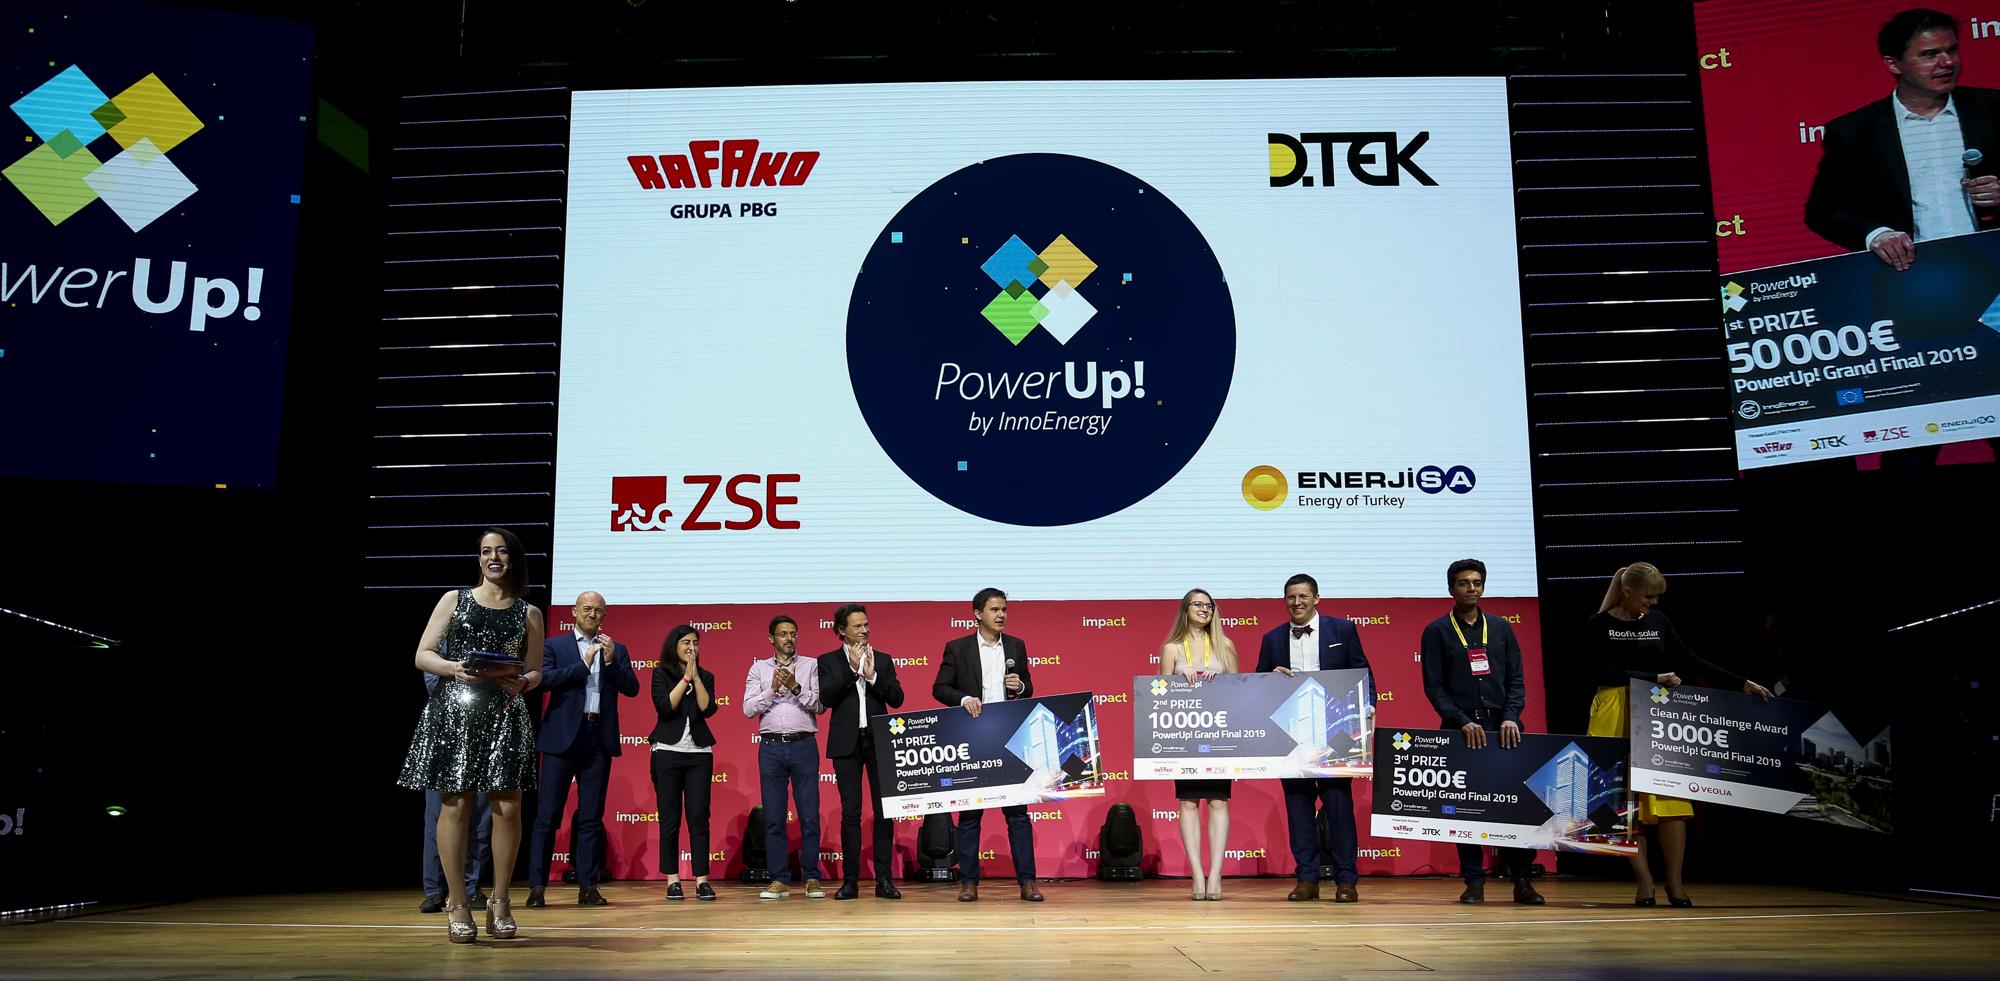 Danubia NanoTech najlepszym start-upem w regionie CEE. Finał PowerUp! 2019 rozstrzygnięty (2)